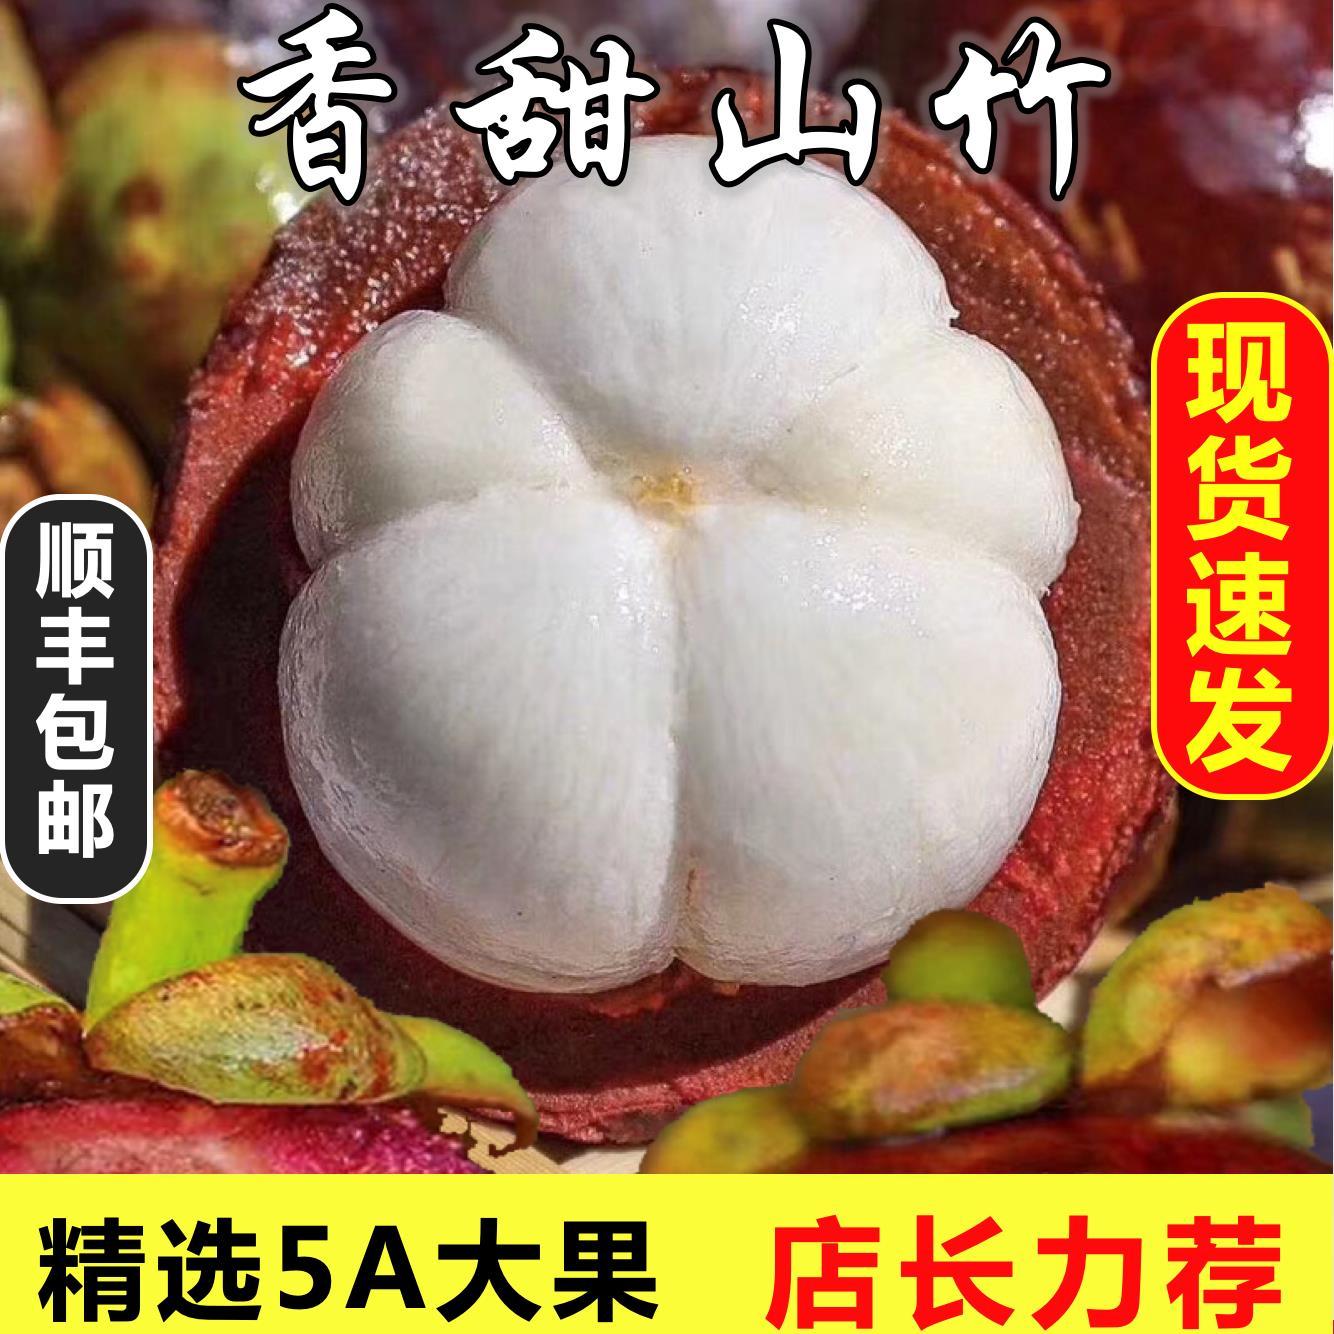 顺丰国产山竹新鲜5a6a大果泰国特级孕妇水果5斤10斤装3a4一箱包邮